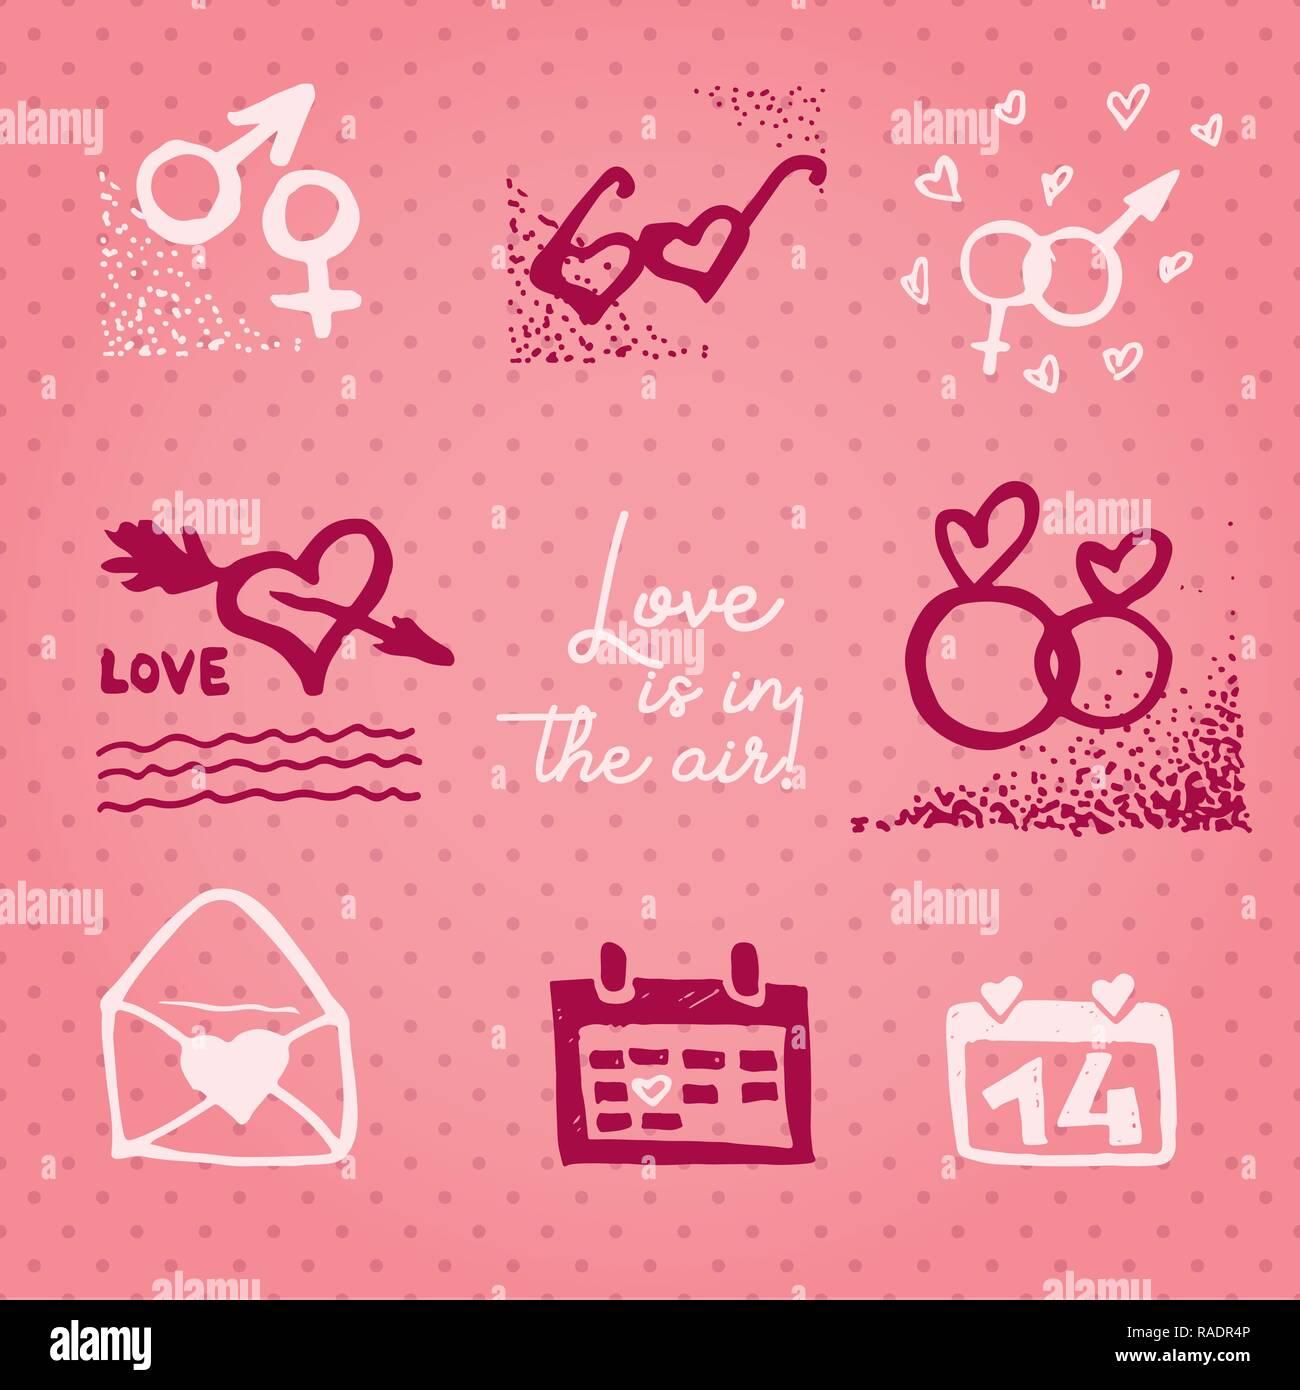 Valentines Tag Karte Oder Einladung Whit Motivation Text Liebe Ist